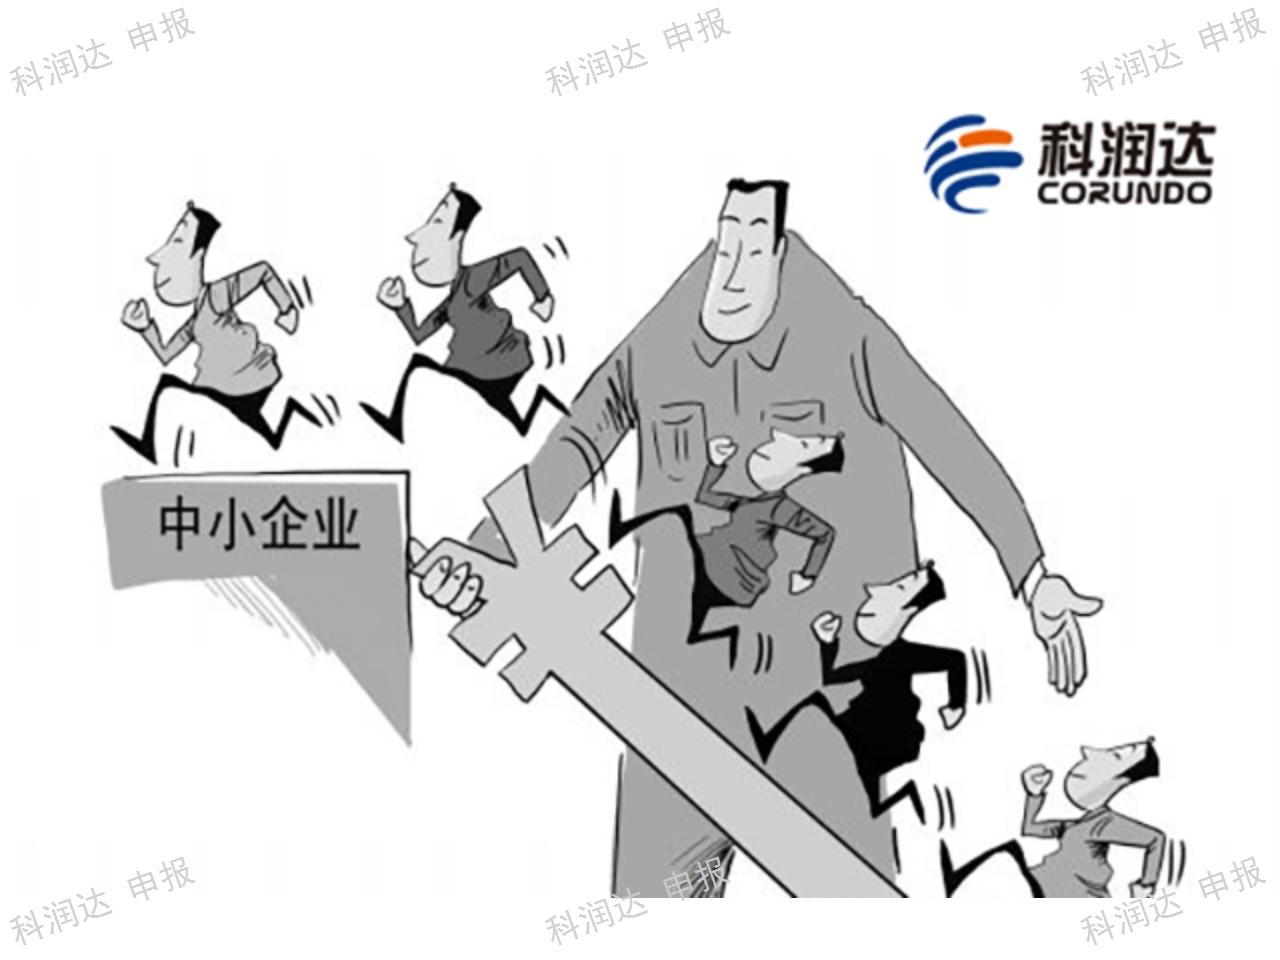 上海代理技术创新项目申报 服务至上 上海科润达供应